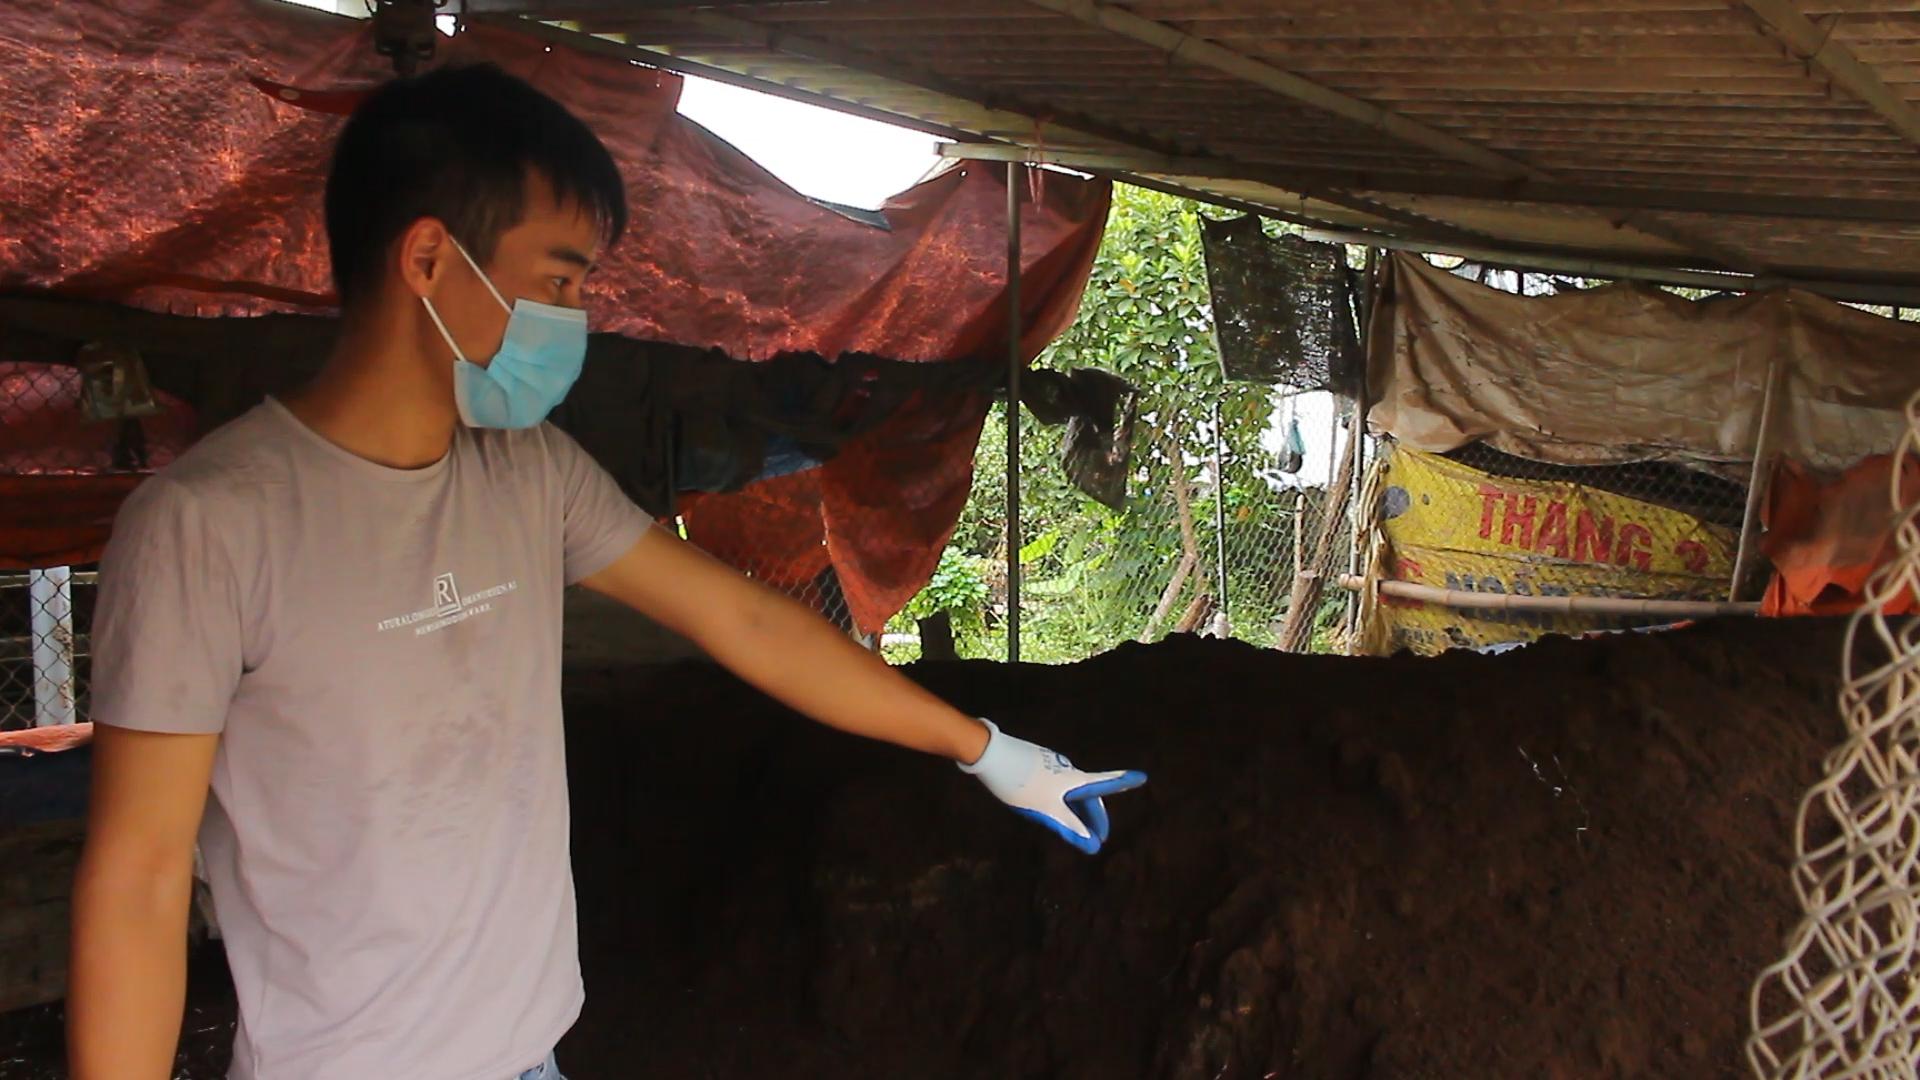 Sở hữu 20 đại lý chỉ sau 4 năm, thanh niên Hà Nội khởi nghiệp thành công từ phân trùn quế - Ảnh 2.